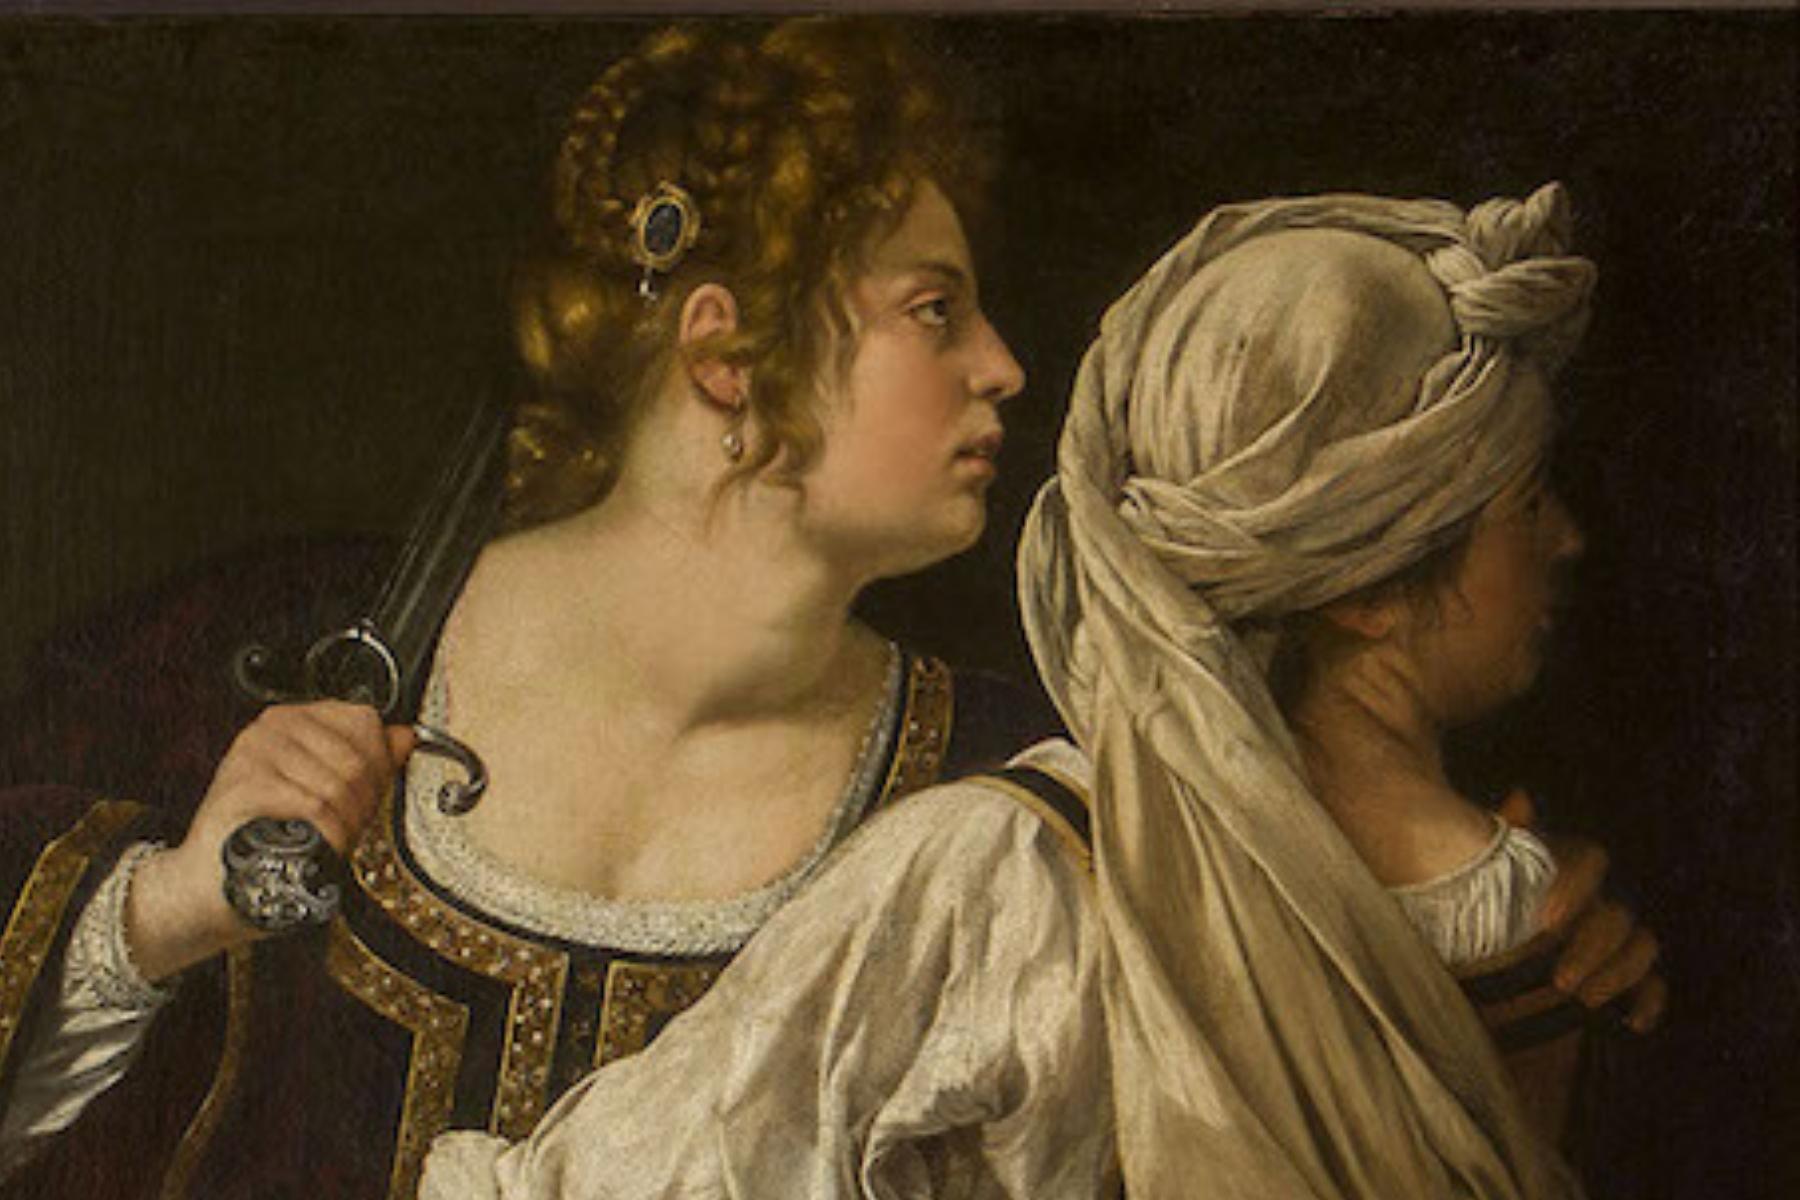 Mostra Signore Barocco Milano